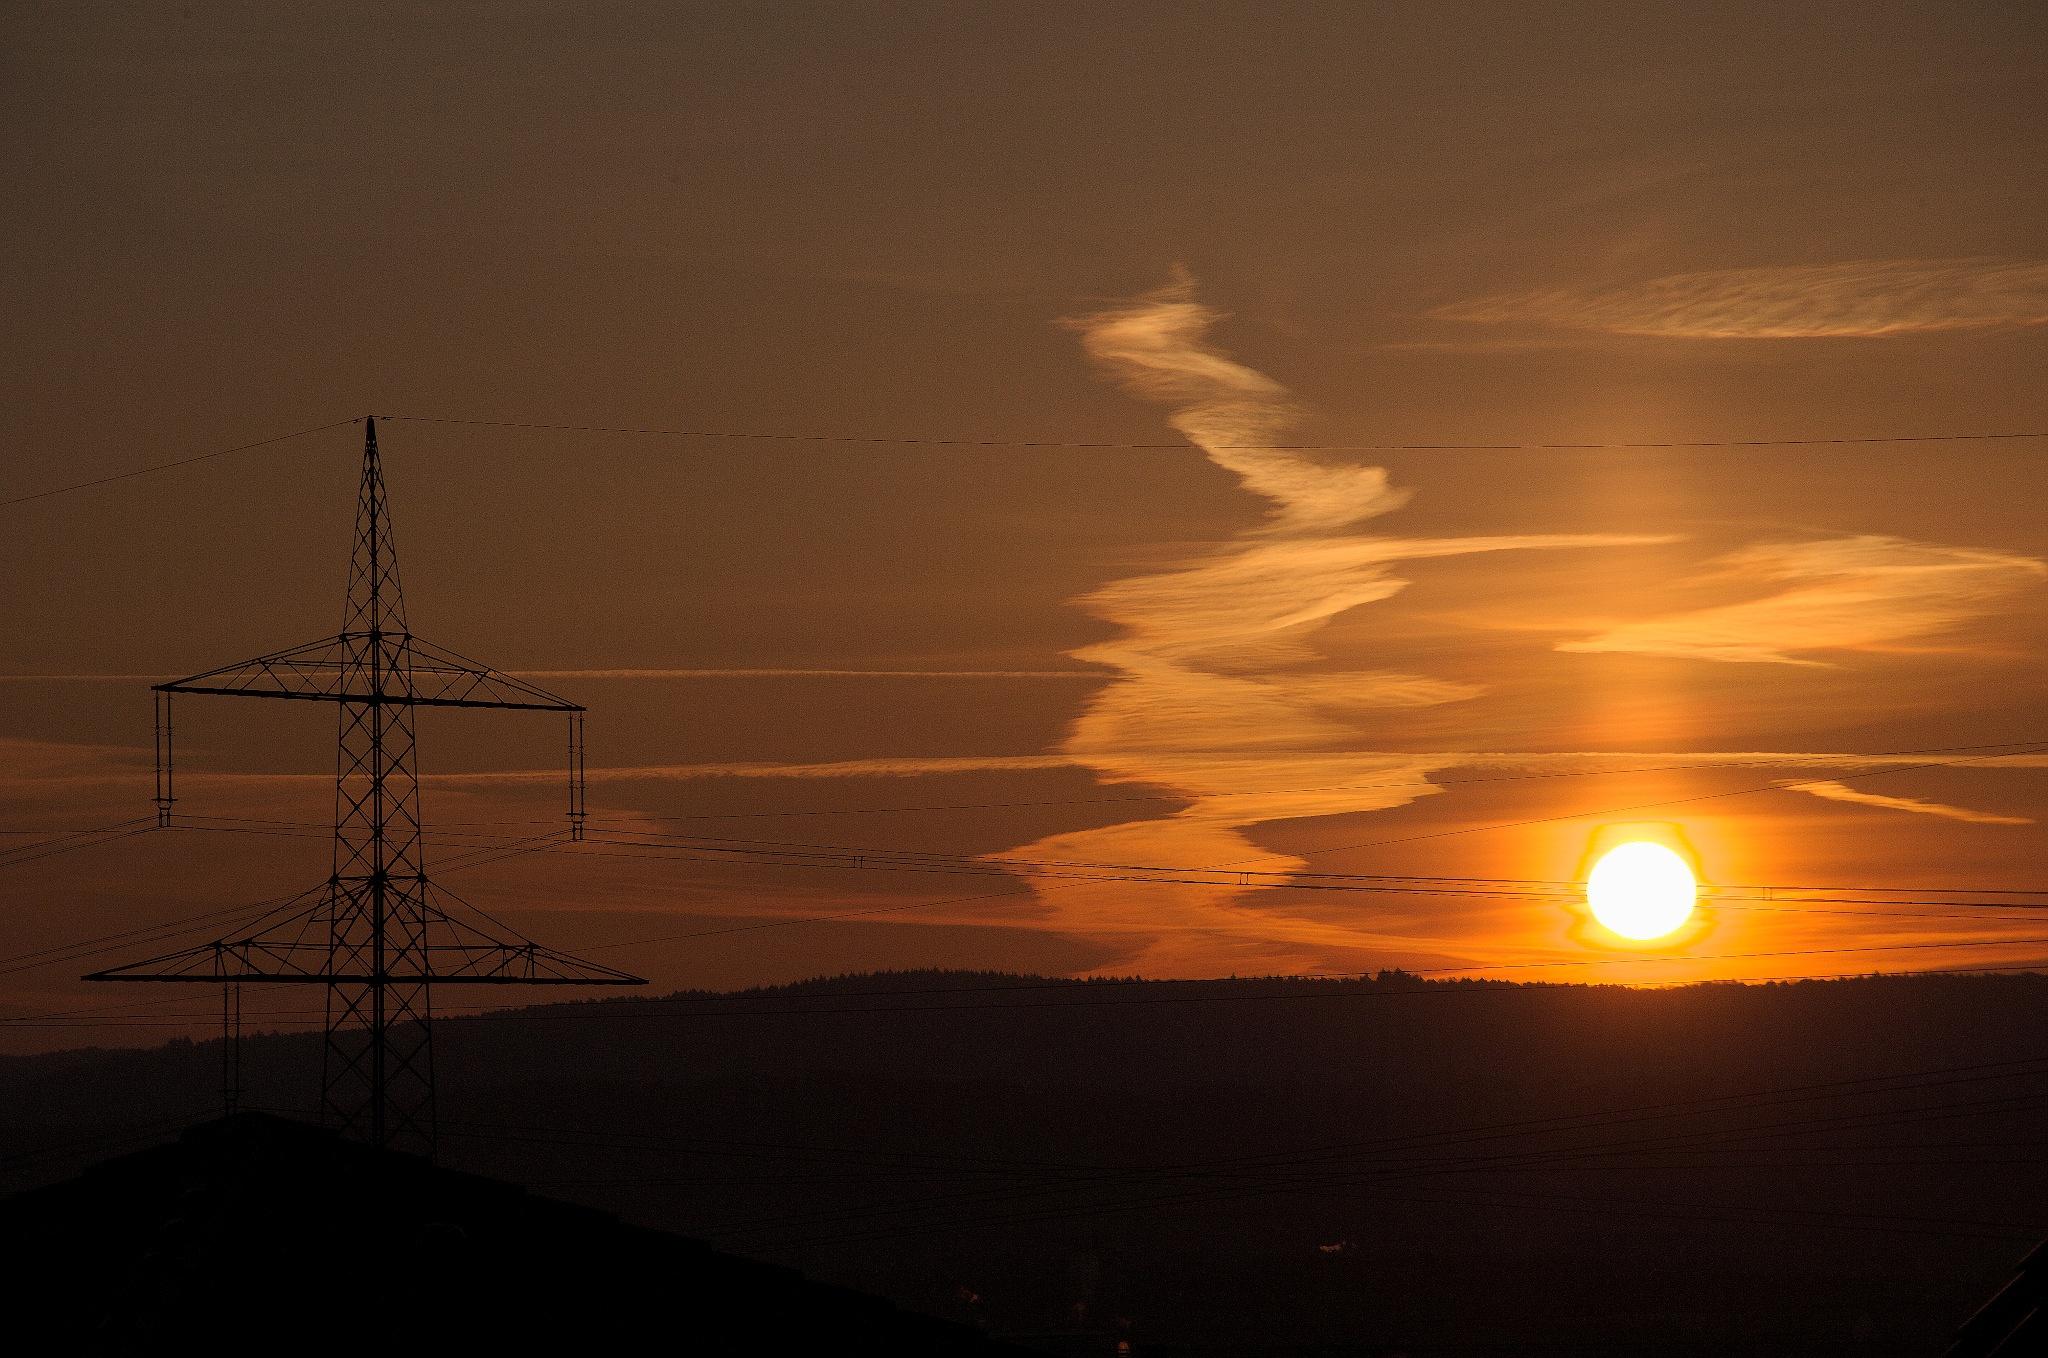 Sonnenaufgang by Blandyna Bogdol